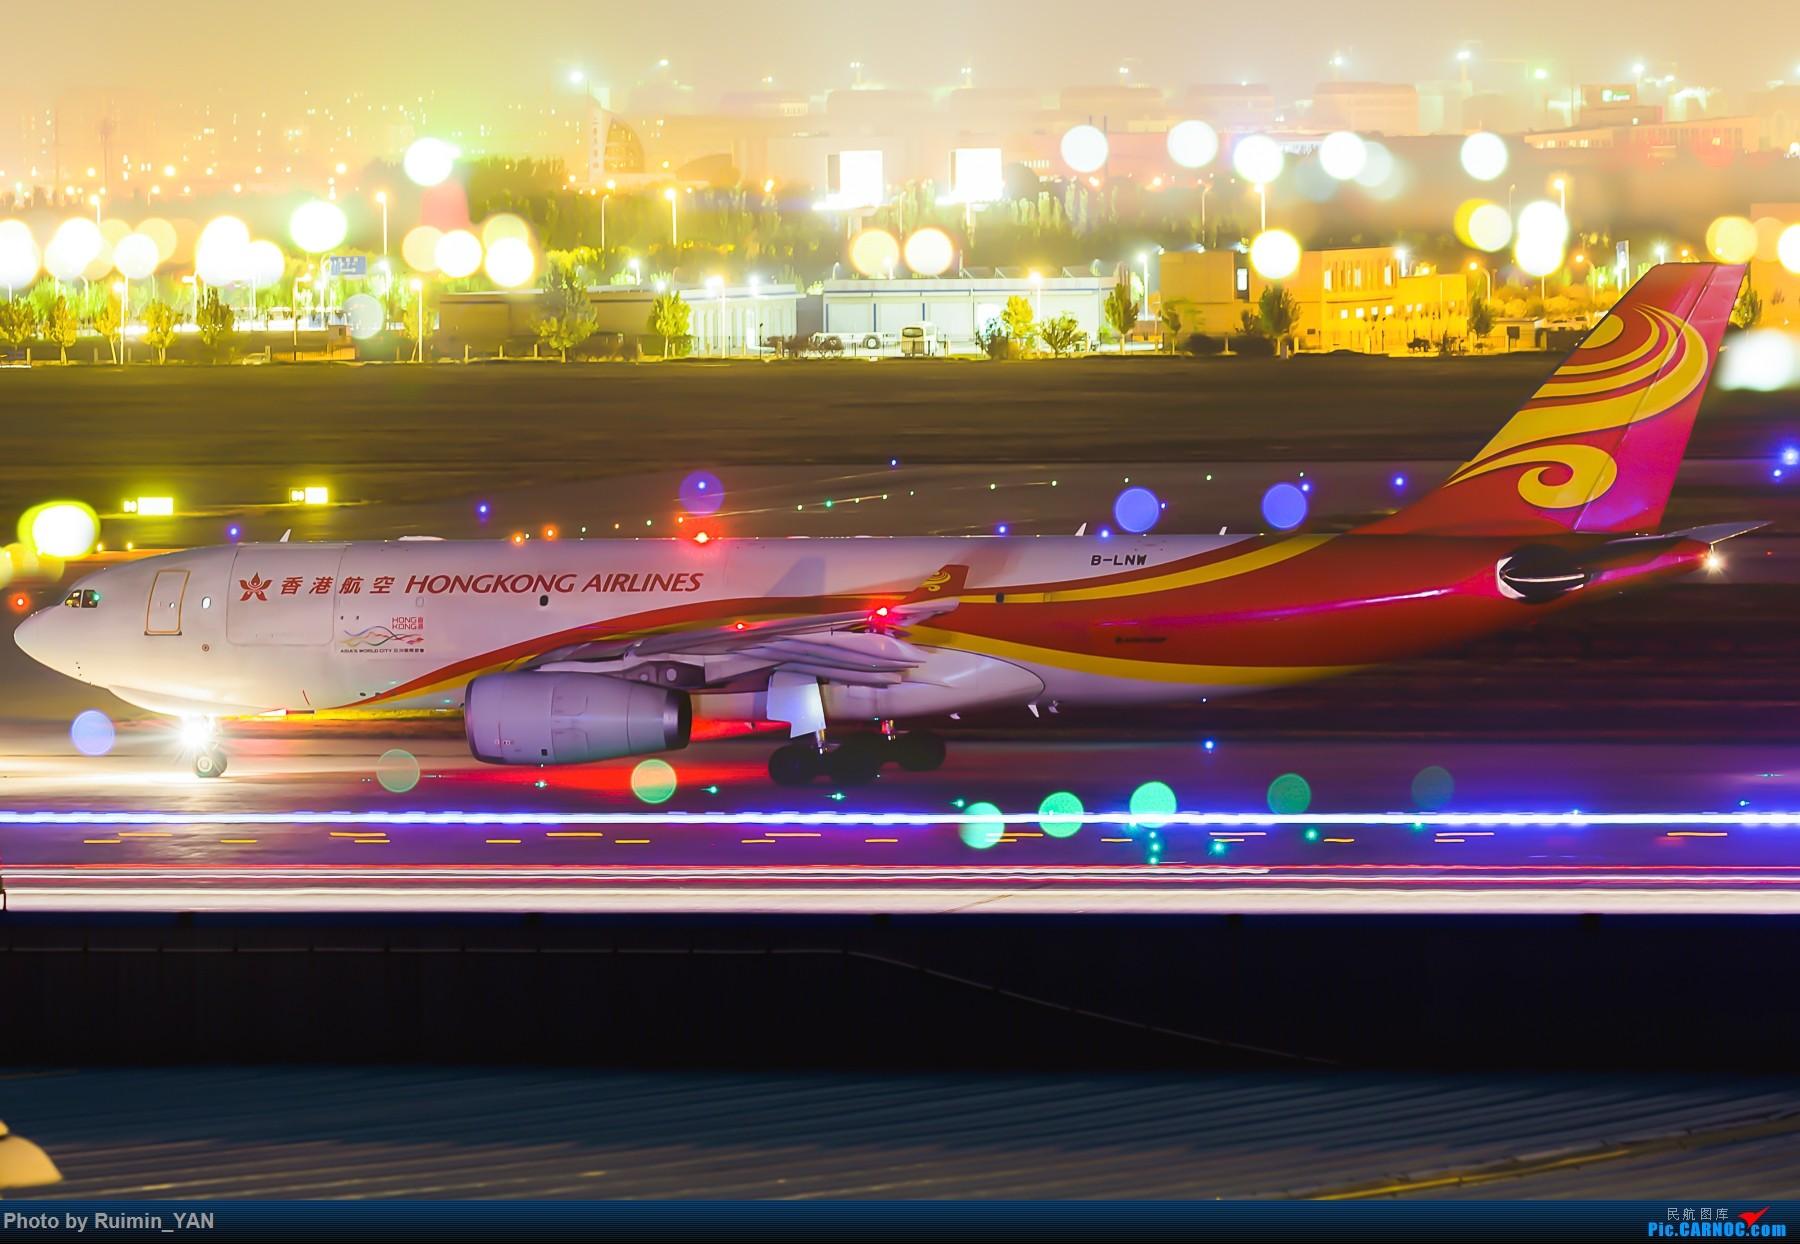 【夜景】【TSN】香港航空卡狗(HX)创意多重曝光夜拍,烂片快吐槽